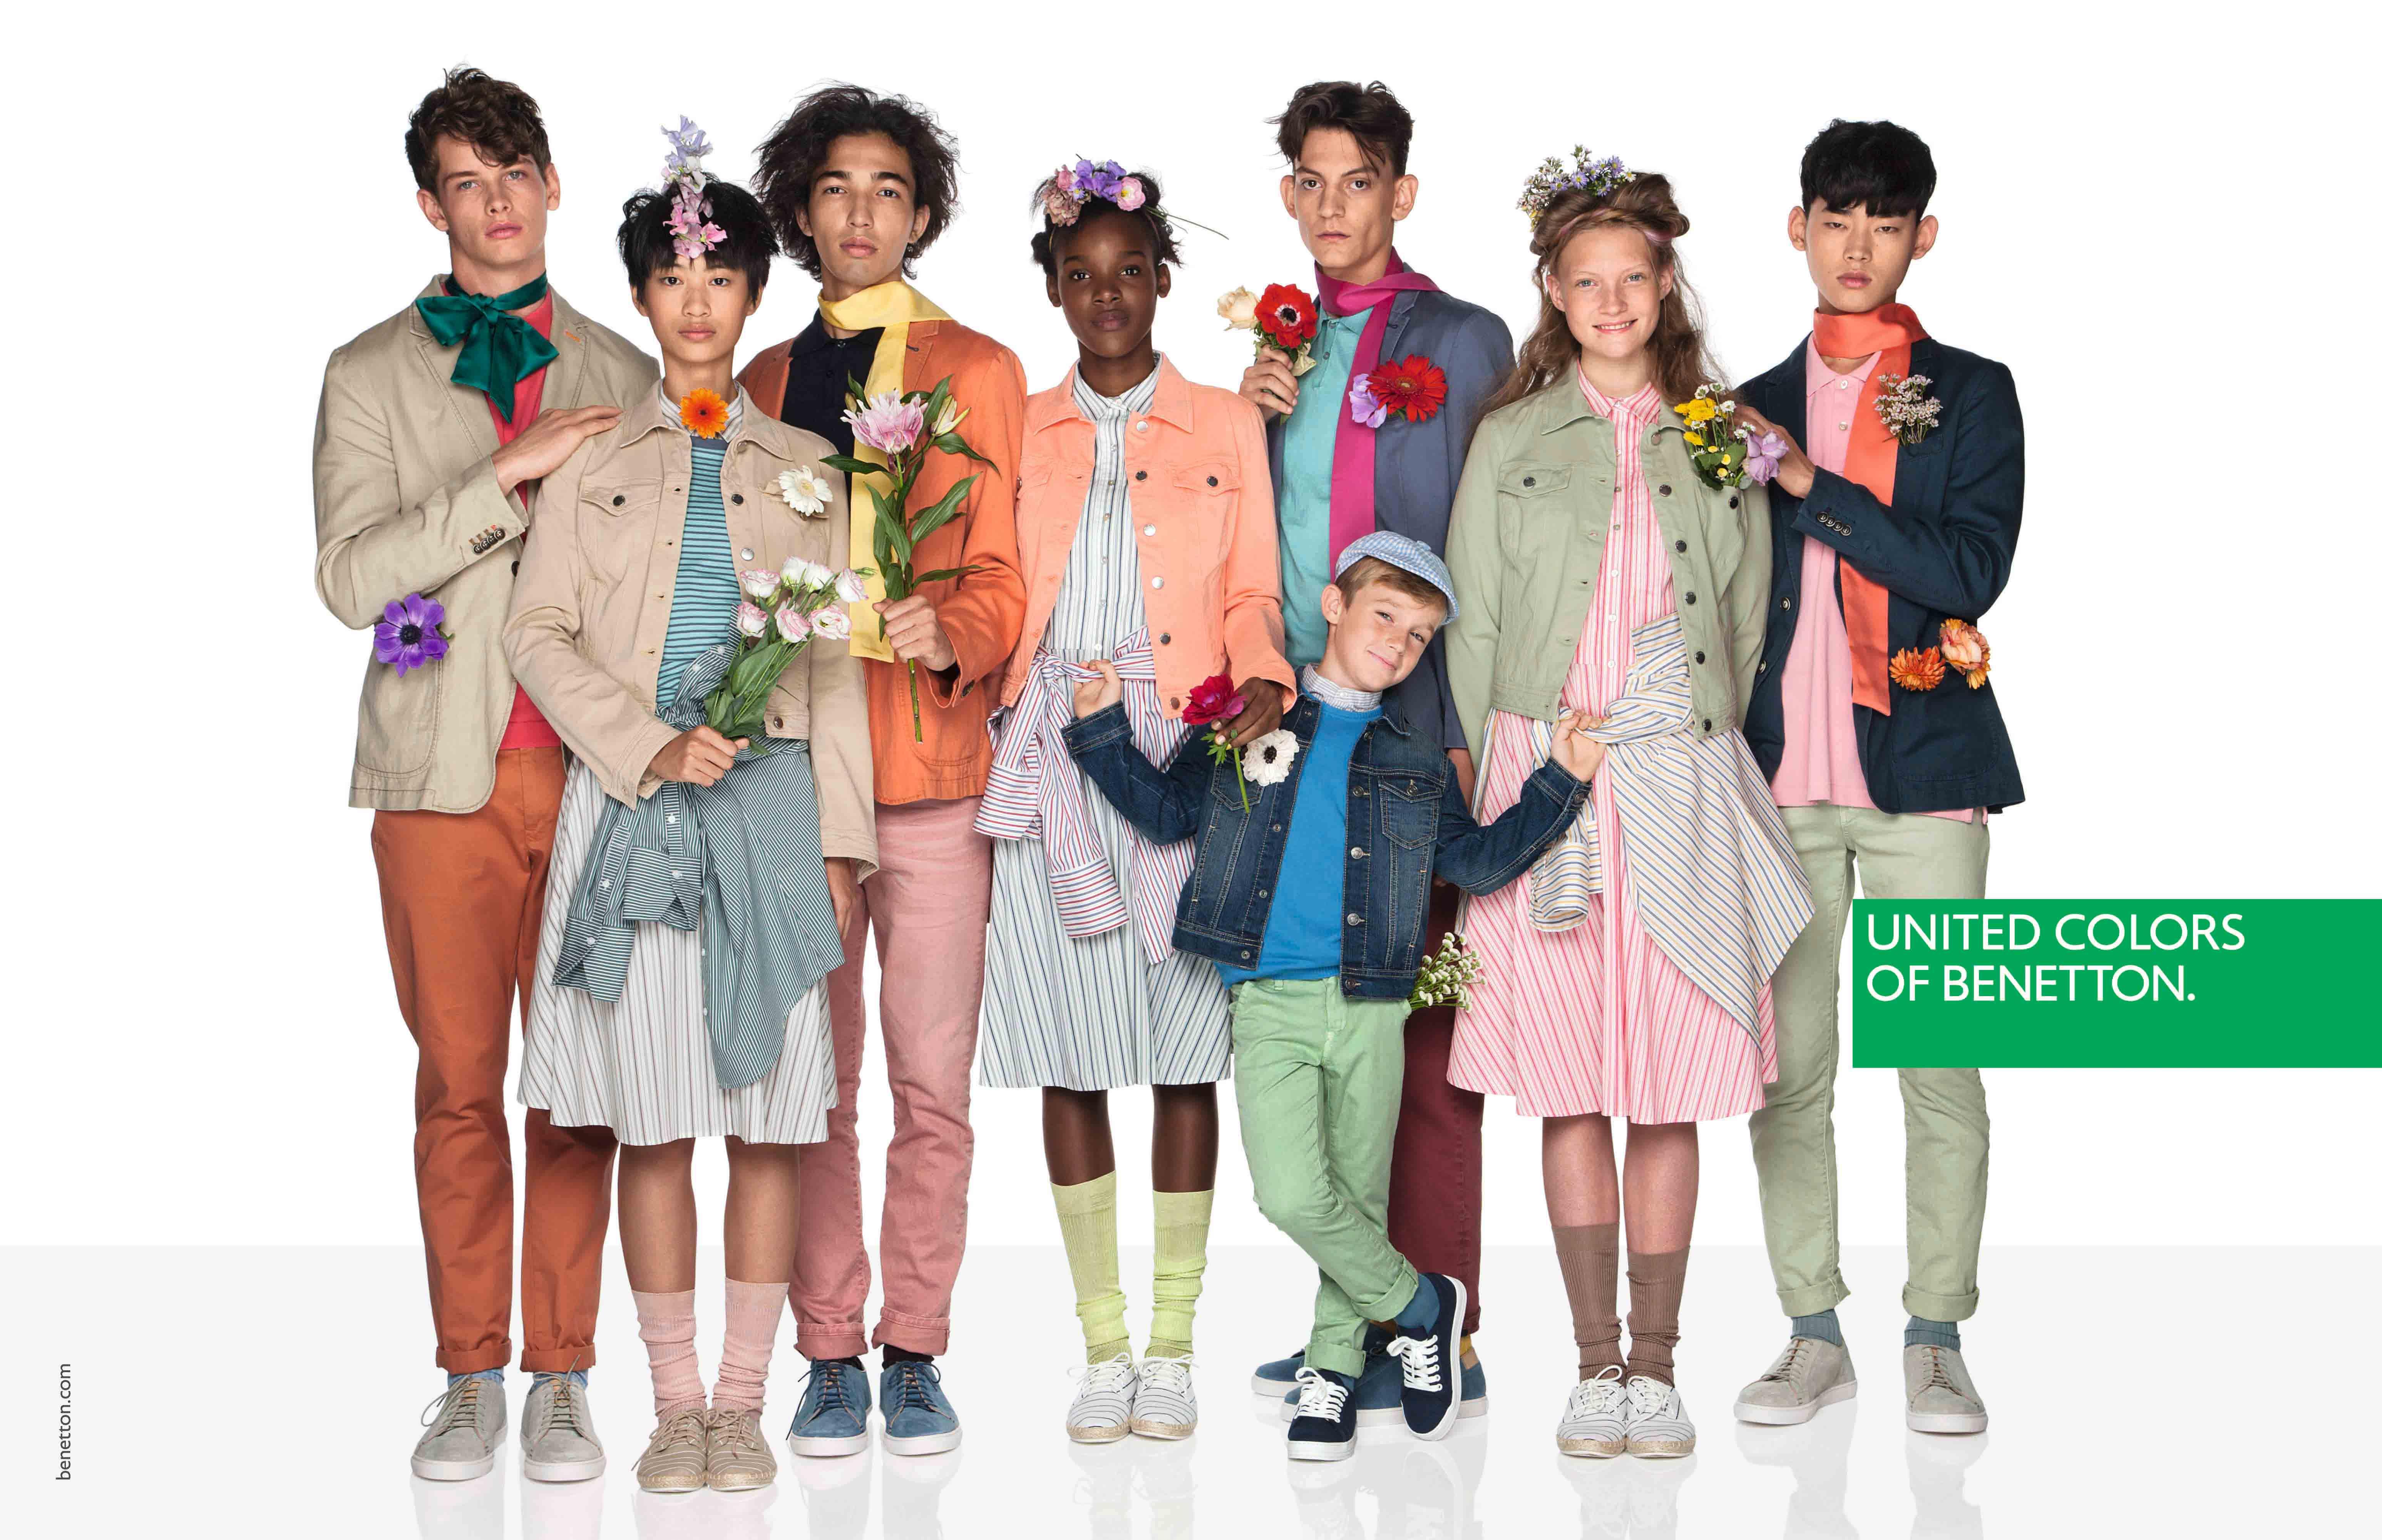 イタリア発のファッションブランド・ベネトンが宇都宮にニューオープン!